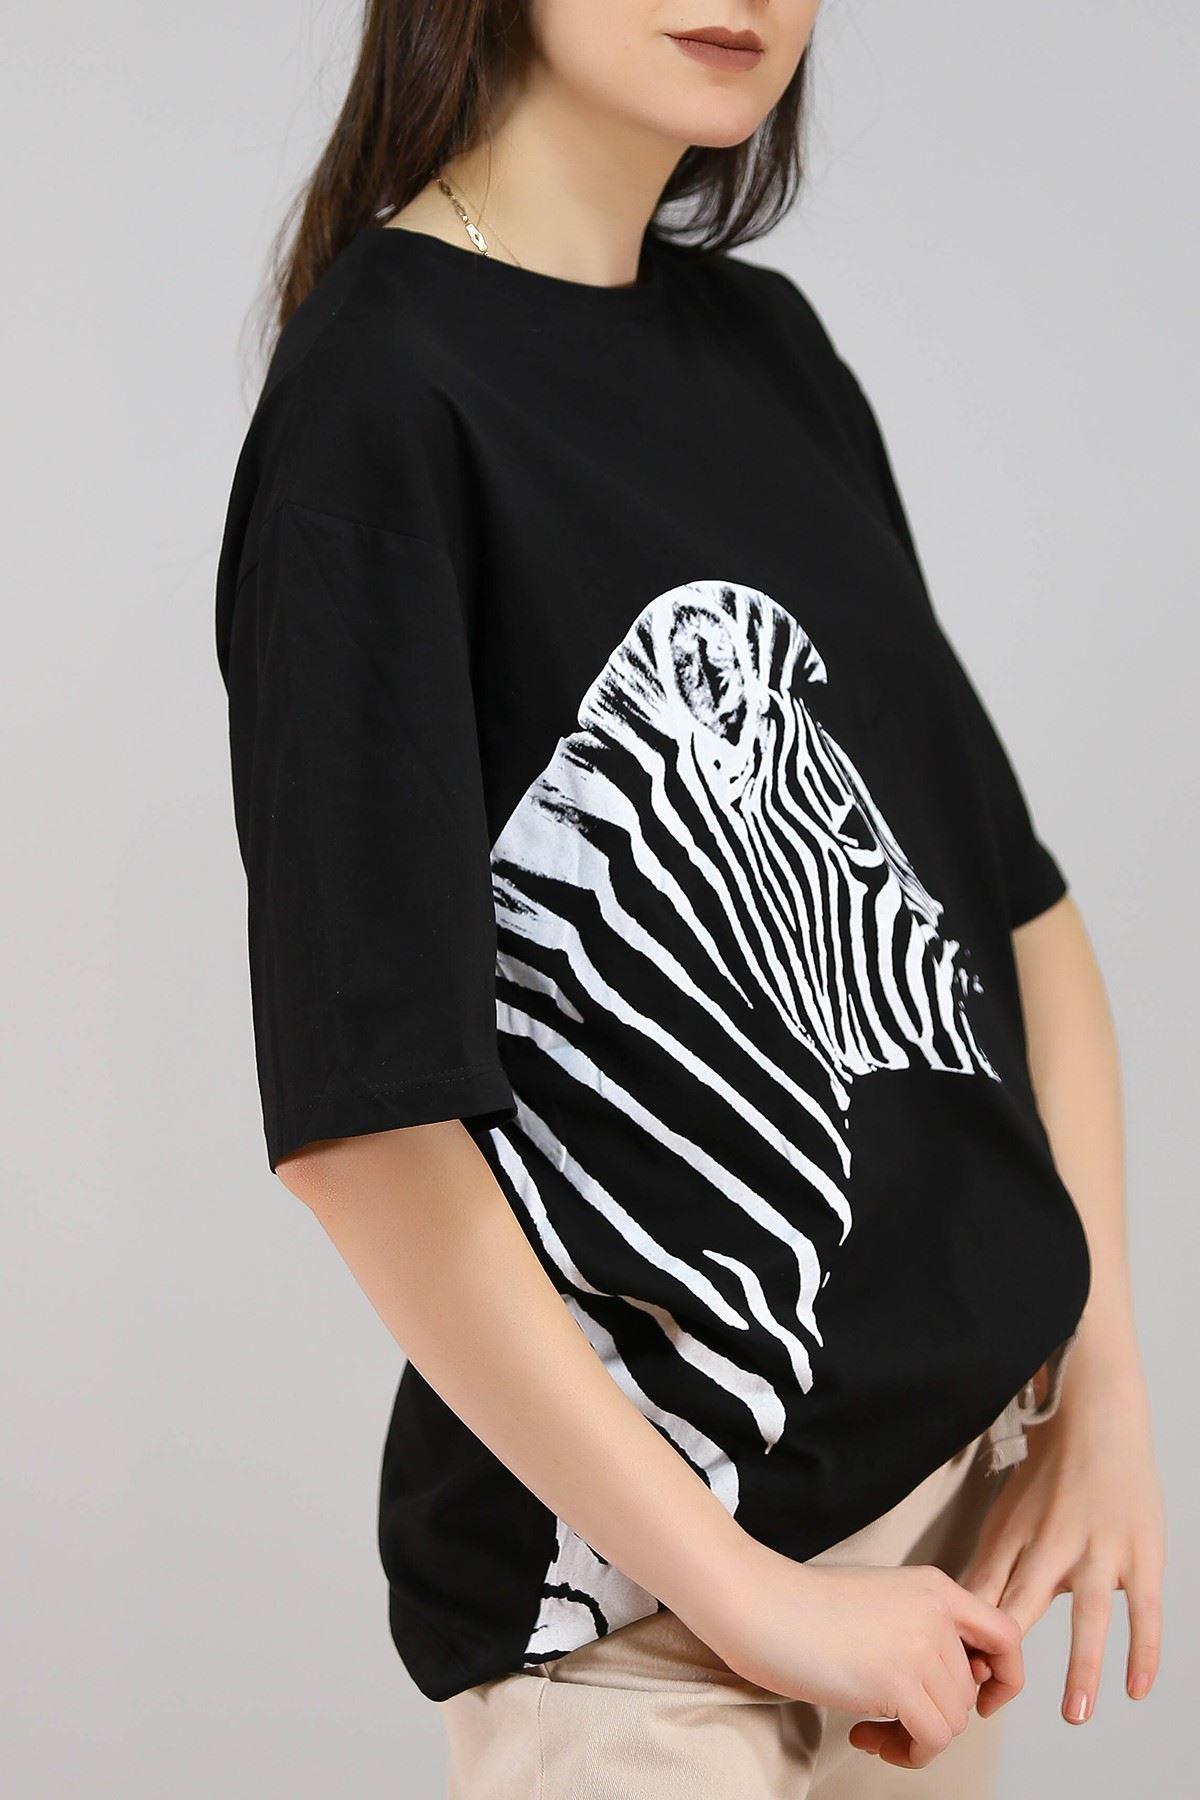 Zebra Baskılı Tişört Siyah - 3643.222.